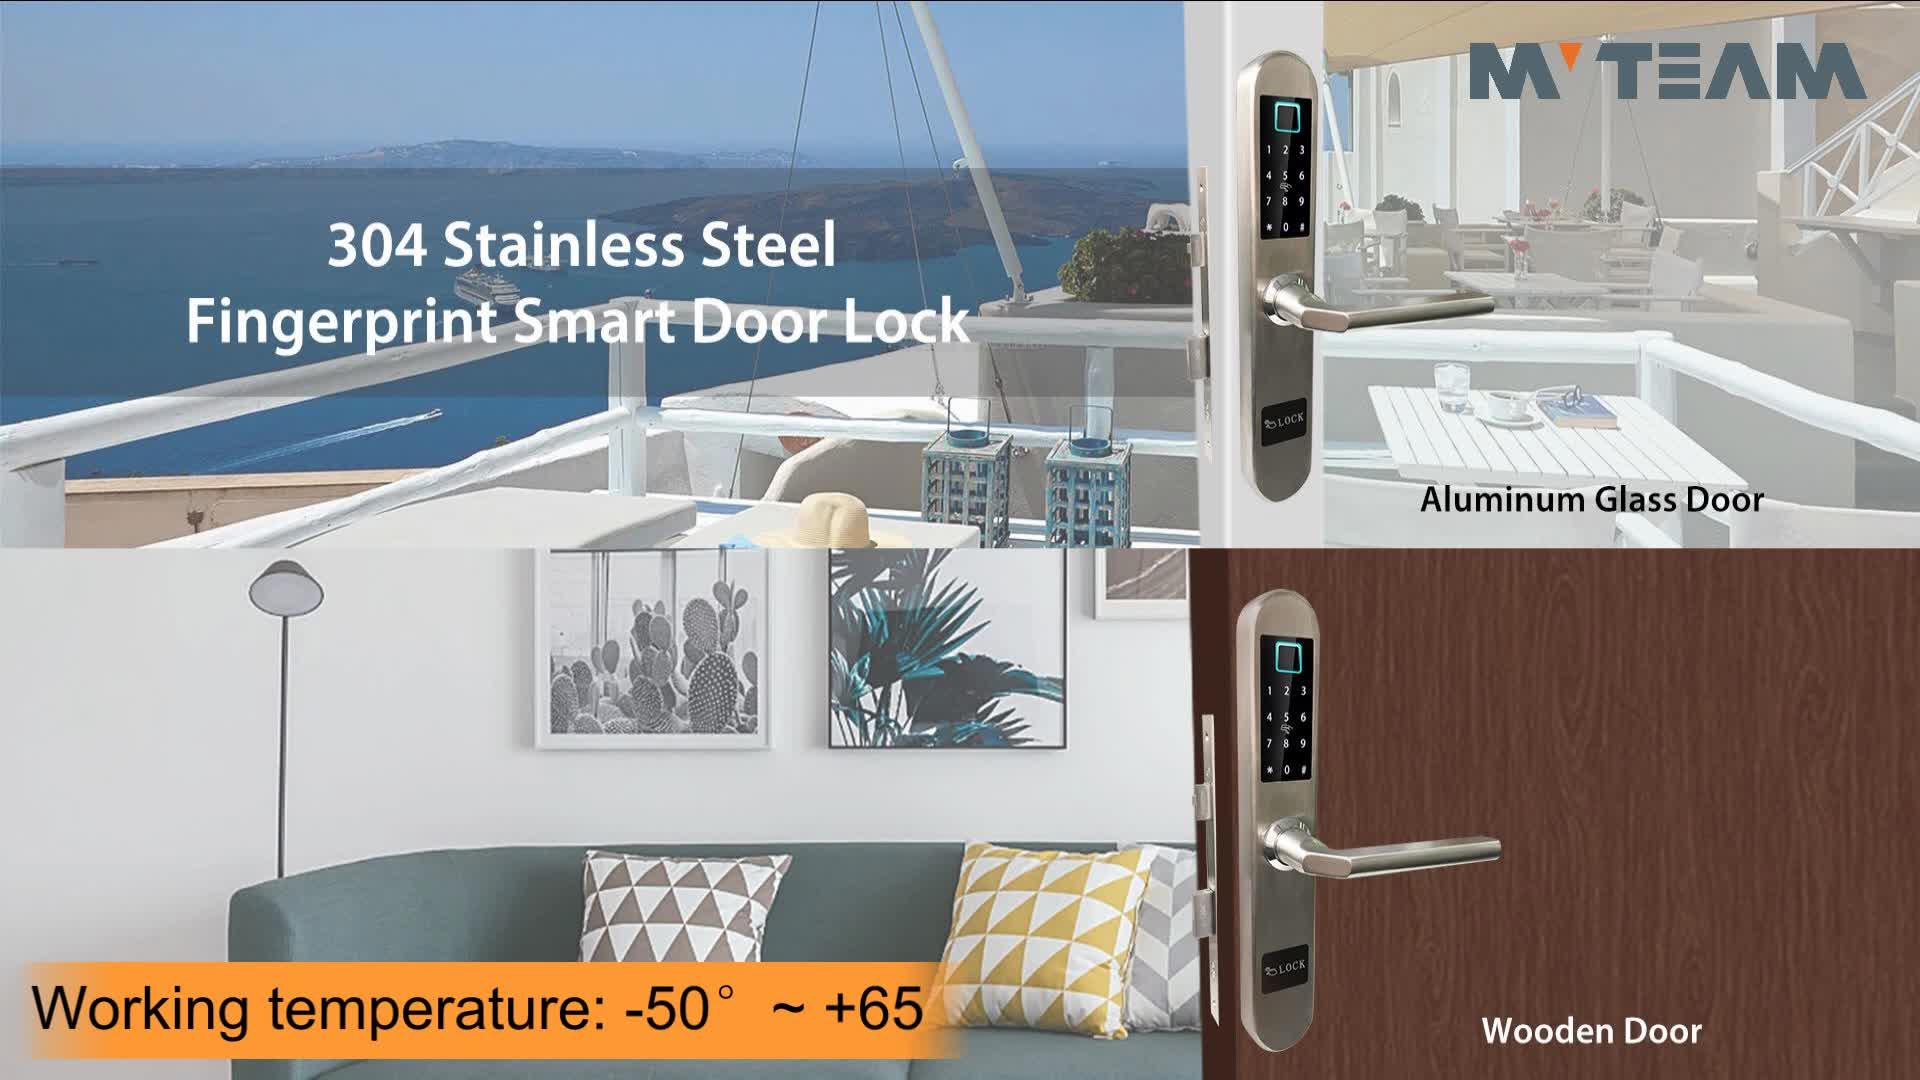 Outdoor Waterproof Antifreeze Residential Door Locks Keyless Finger Print Smart Sliding Door Lock for Aluminium Alloy Glass Door